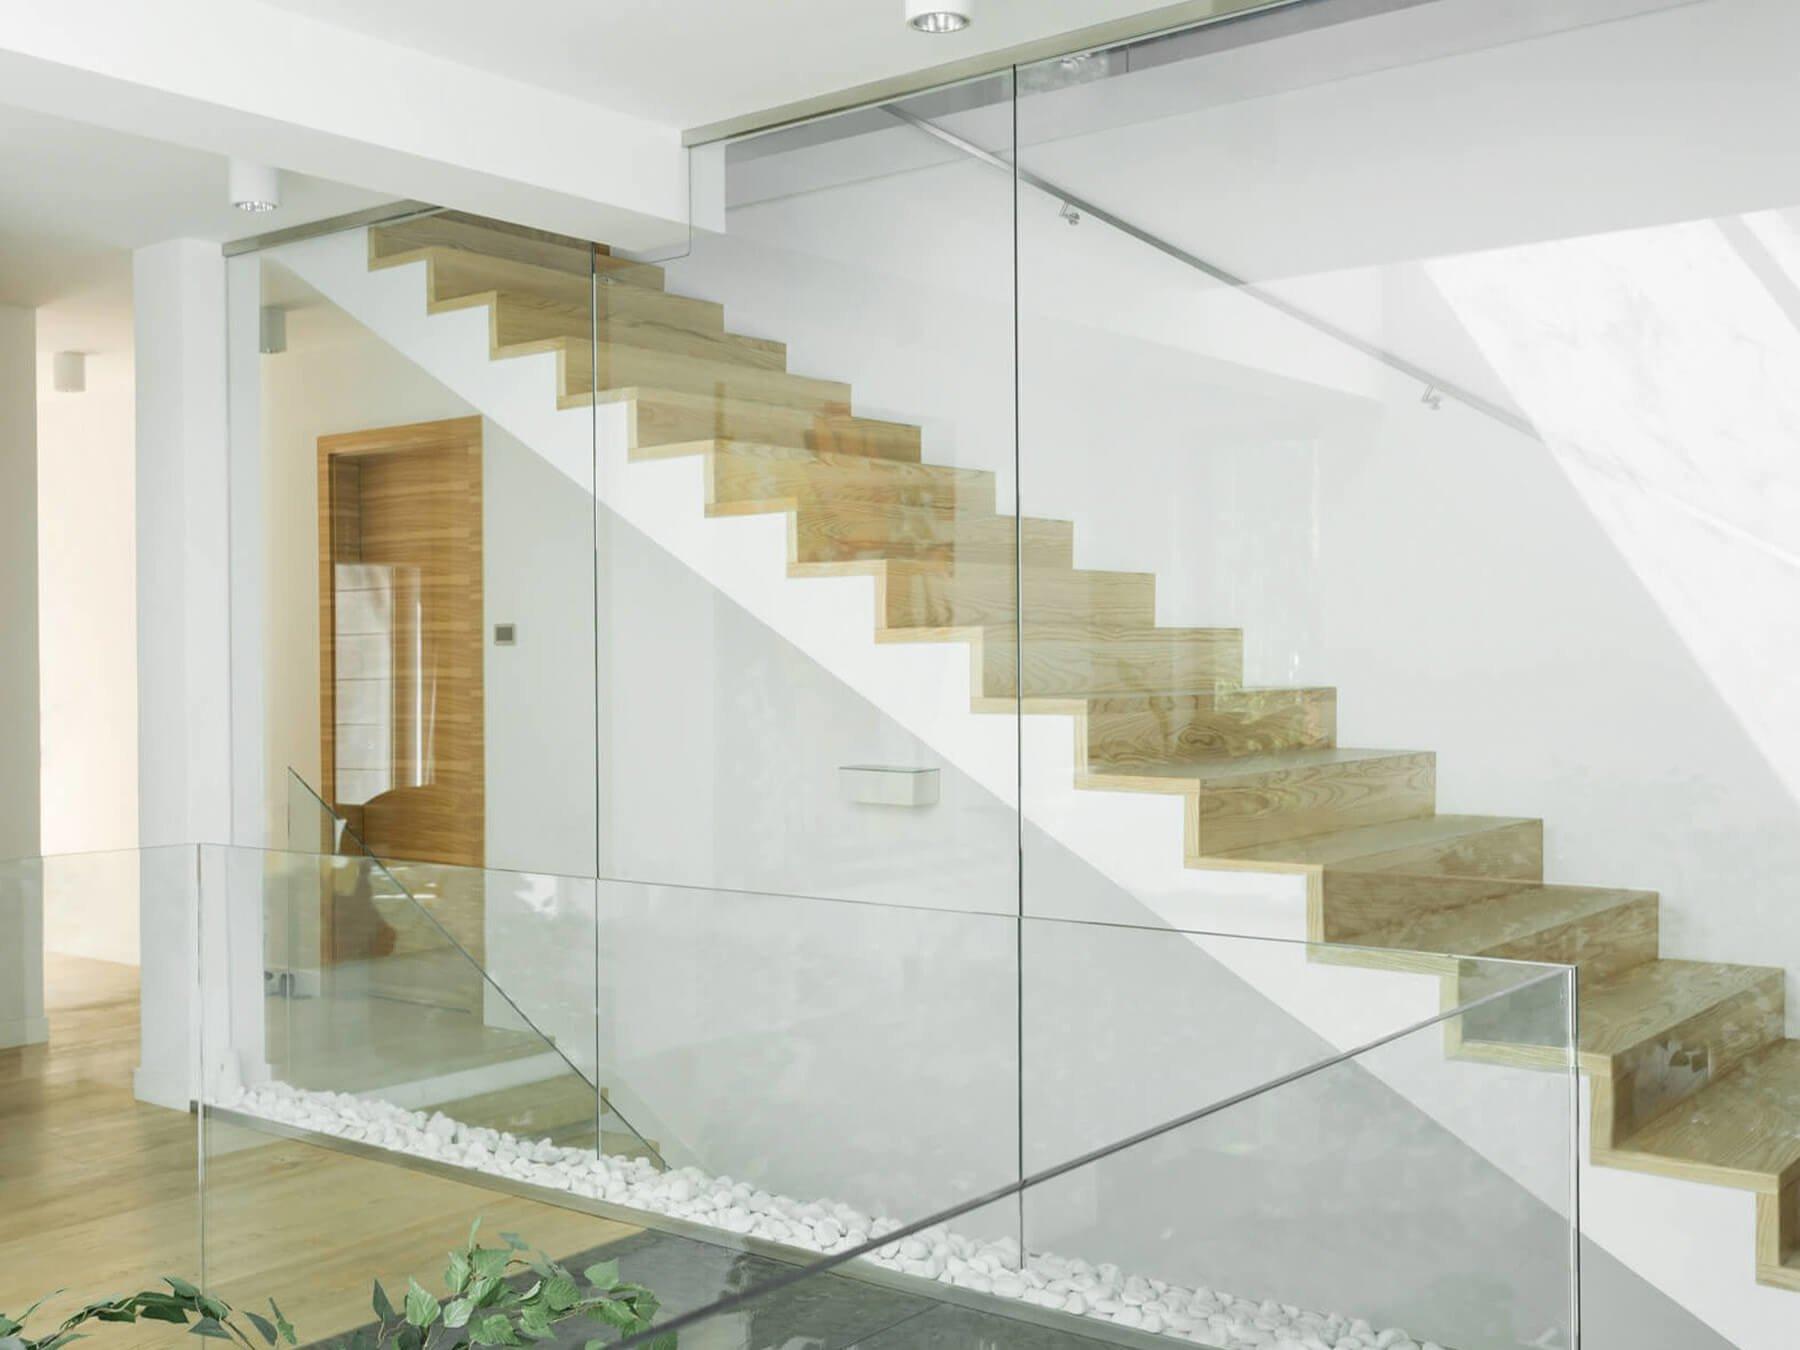 Absturzsichernde Glastrennwand als Treppengeländer